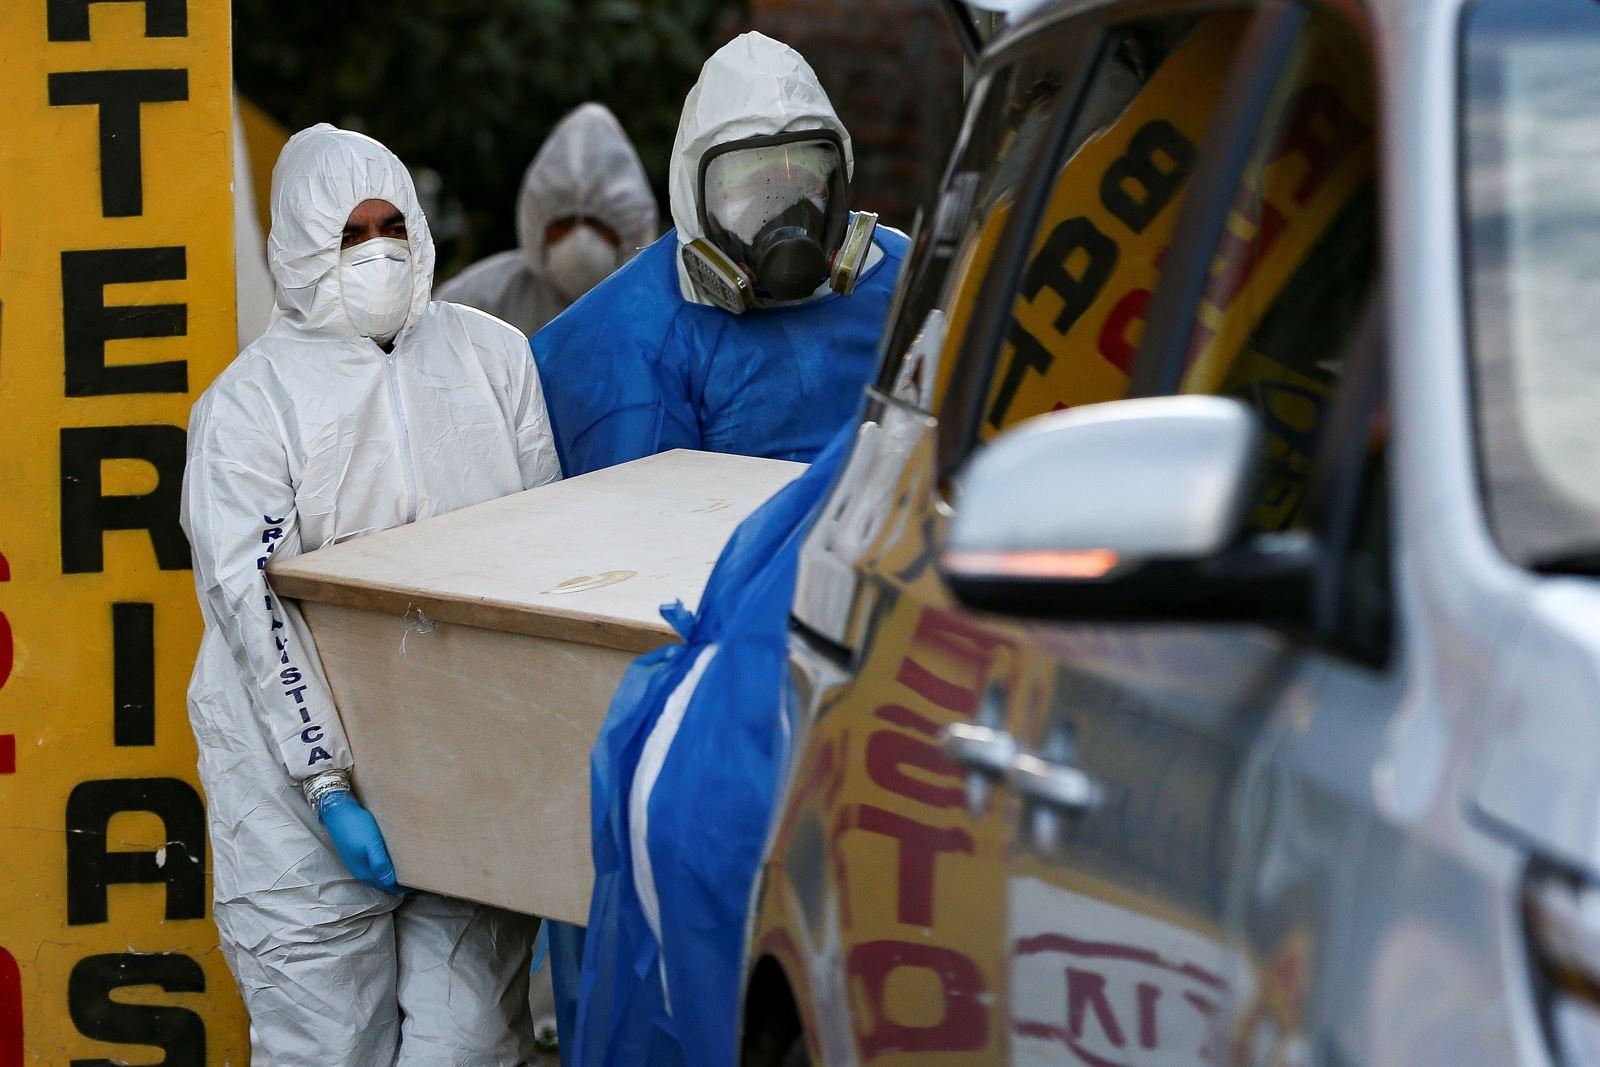 Cảnh sát và nhân viên tang lễ di chuyển quan tài nạn nhân COVID-19 ở Quito, Ecuador. Ảnh: EPA-EFE